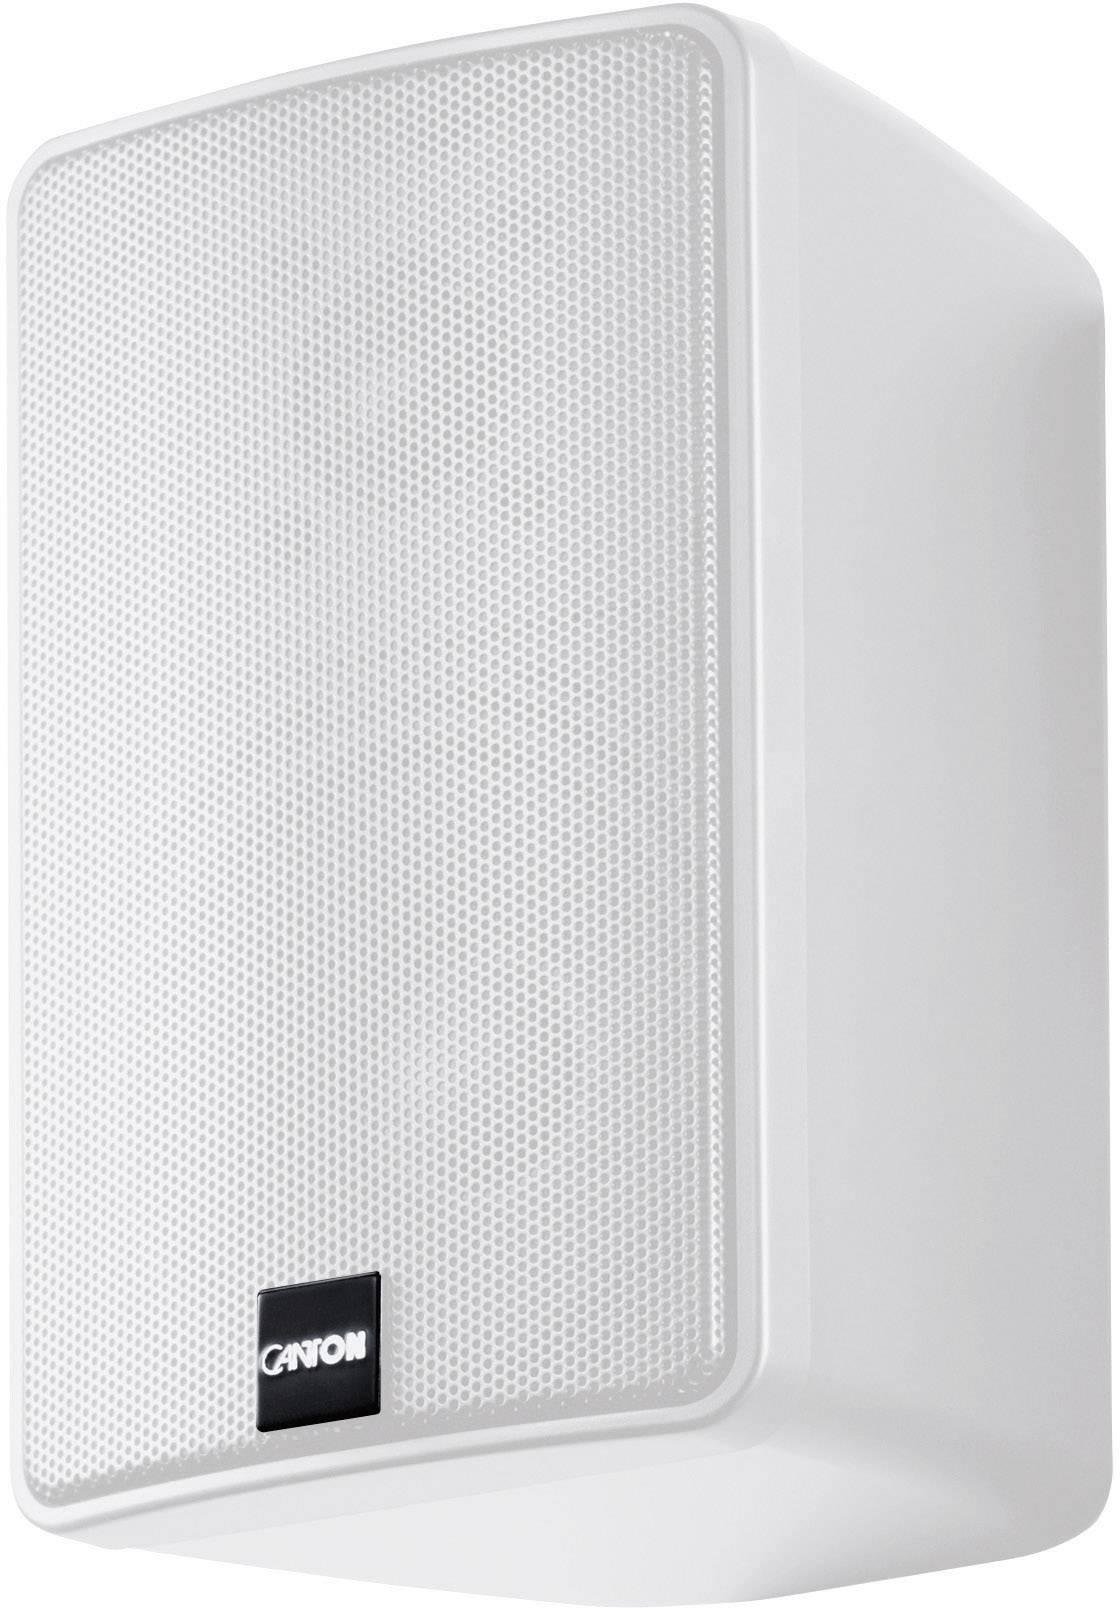 Regálový reproduktor Canton Plus GX.3, 45 Hz - 26000 Hz, 100 W, 1 pár, bílá